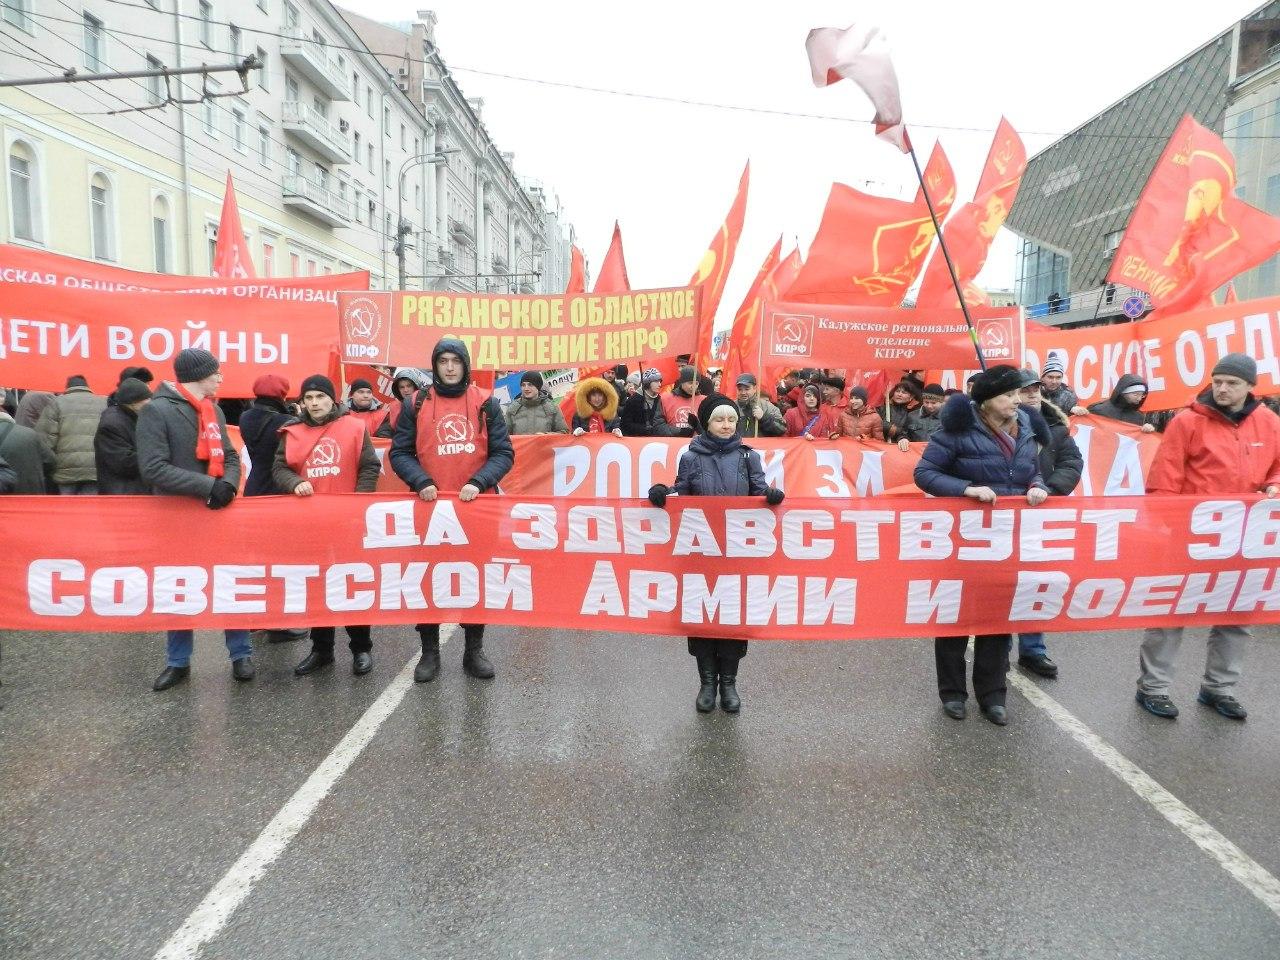 Рязанские коммунисты и комсомольцы приняли участие в шествии и митинге в Москве. Фотоотчет